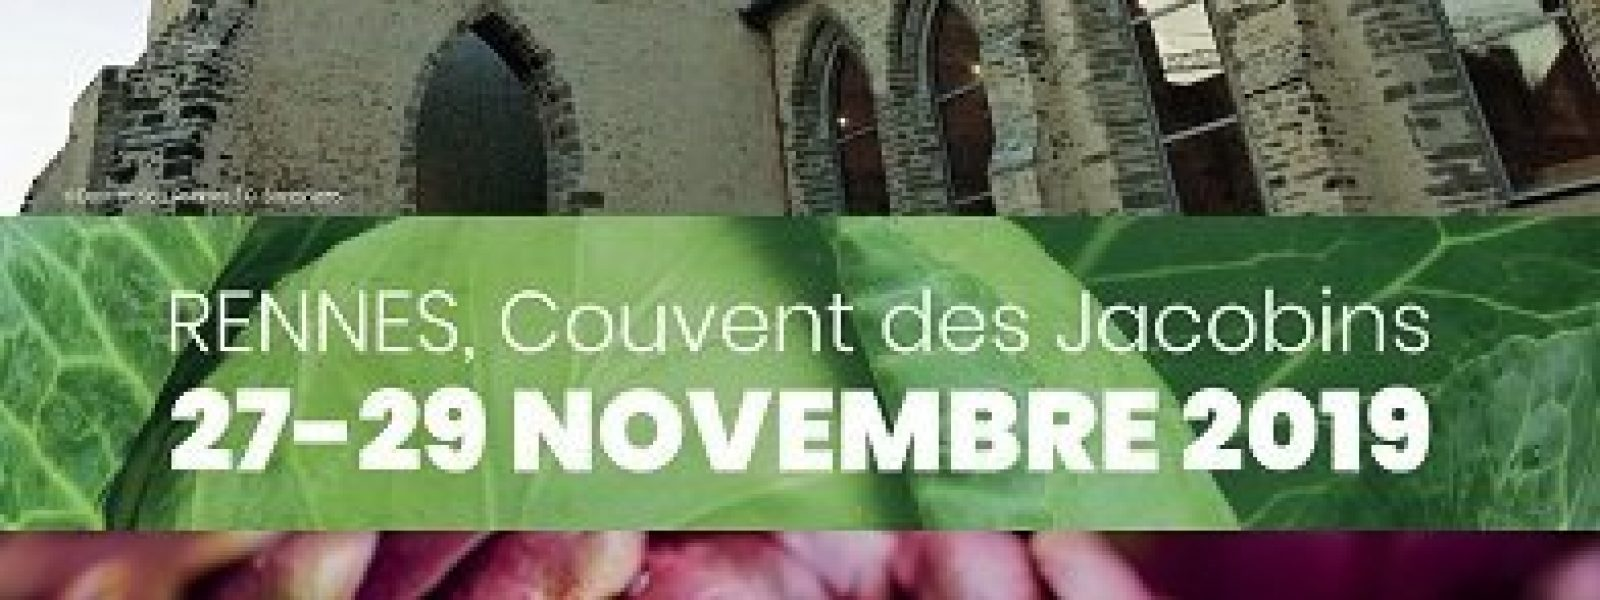 JFN2019-rennes-congres-couvent-des-jacobins